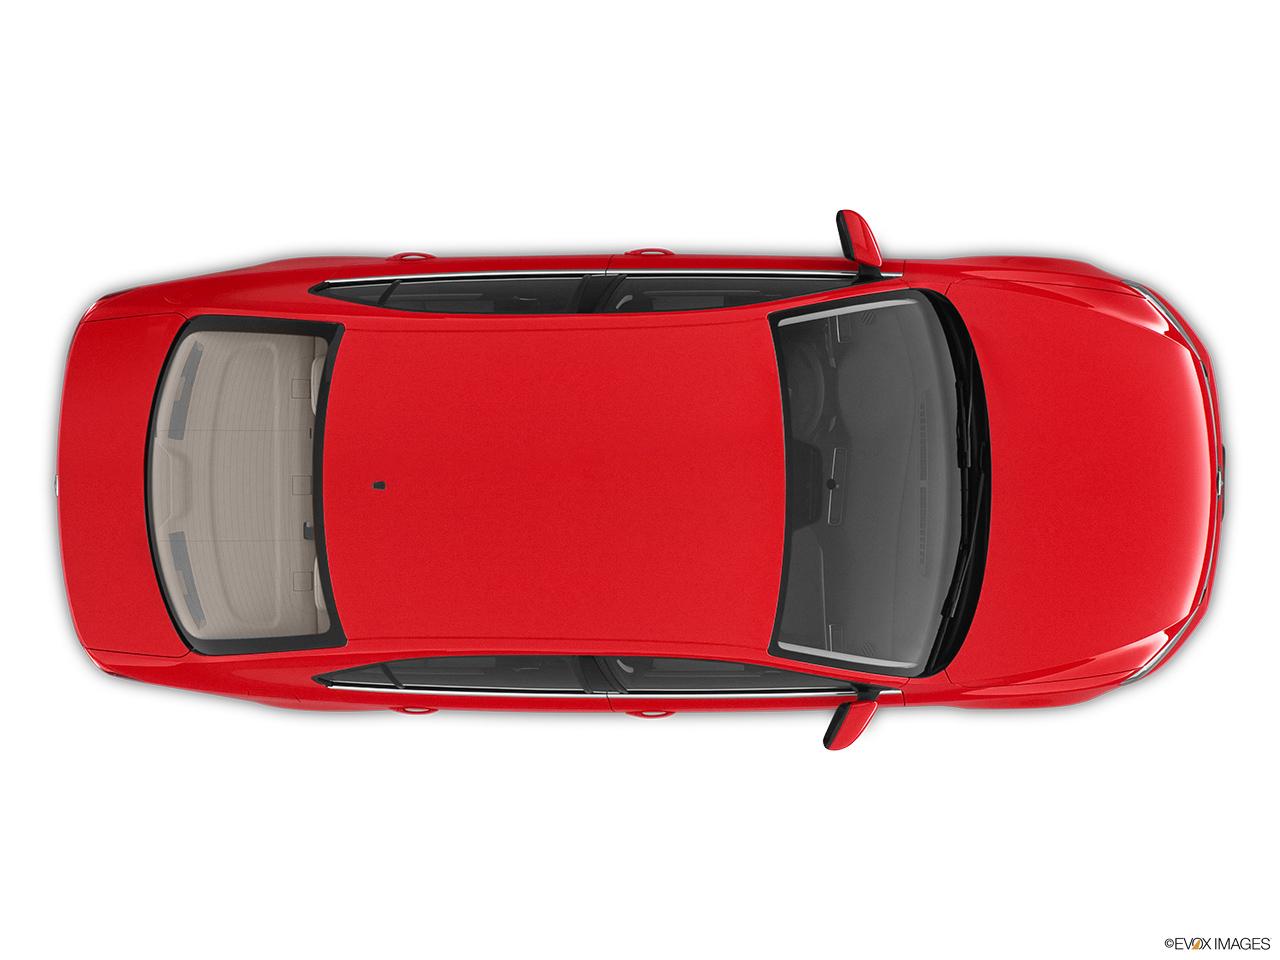 2015 Volkswagen Jetta Sedan 4 Door Manual 2.0L TDI S - Overhead